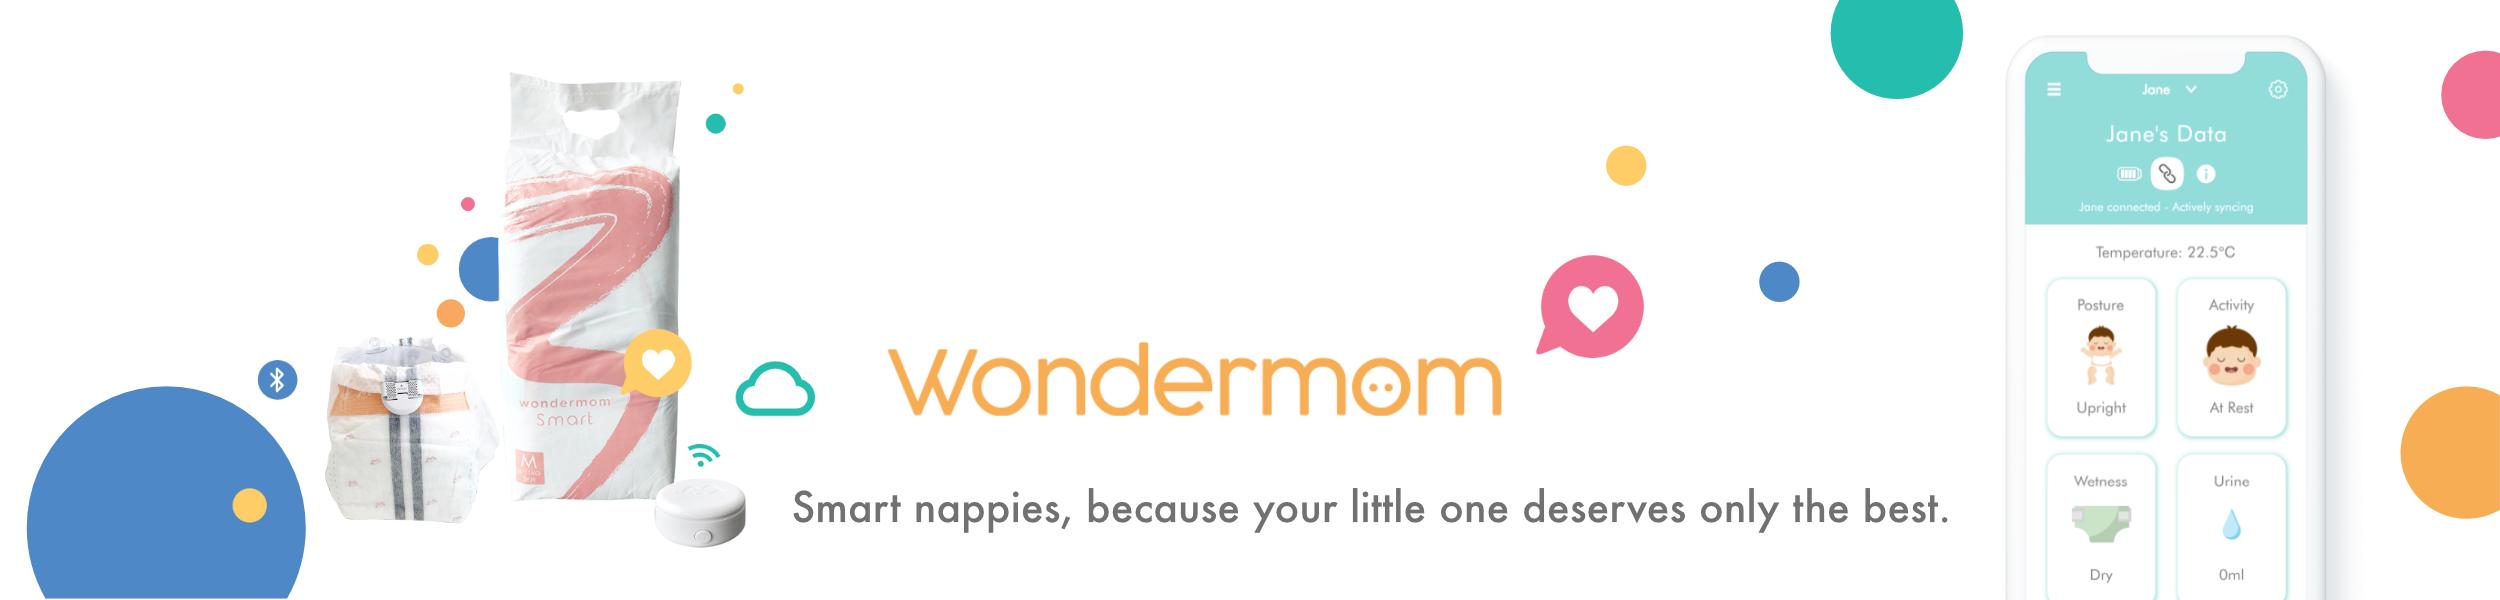 Wondermom-shop-banner